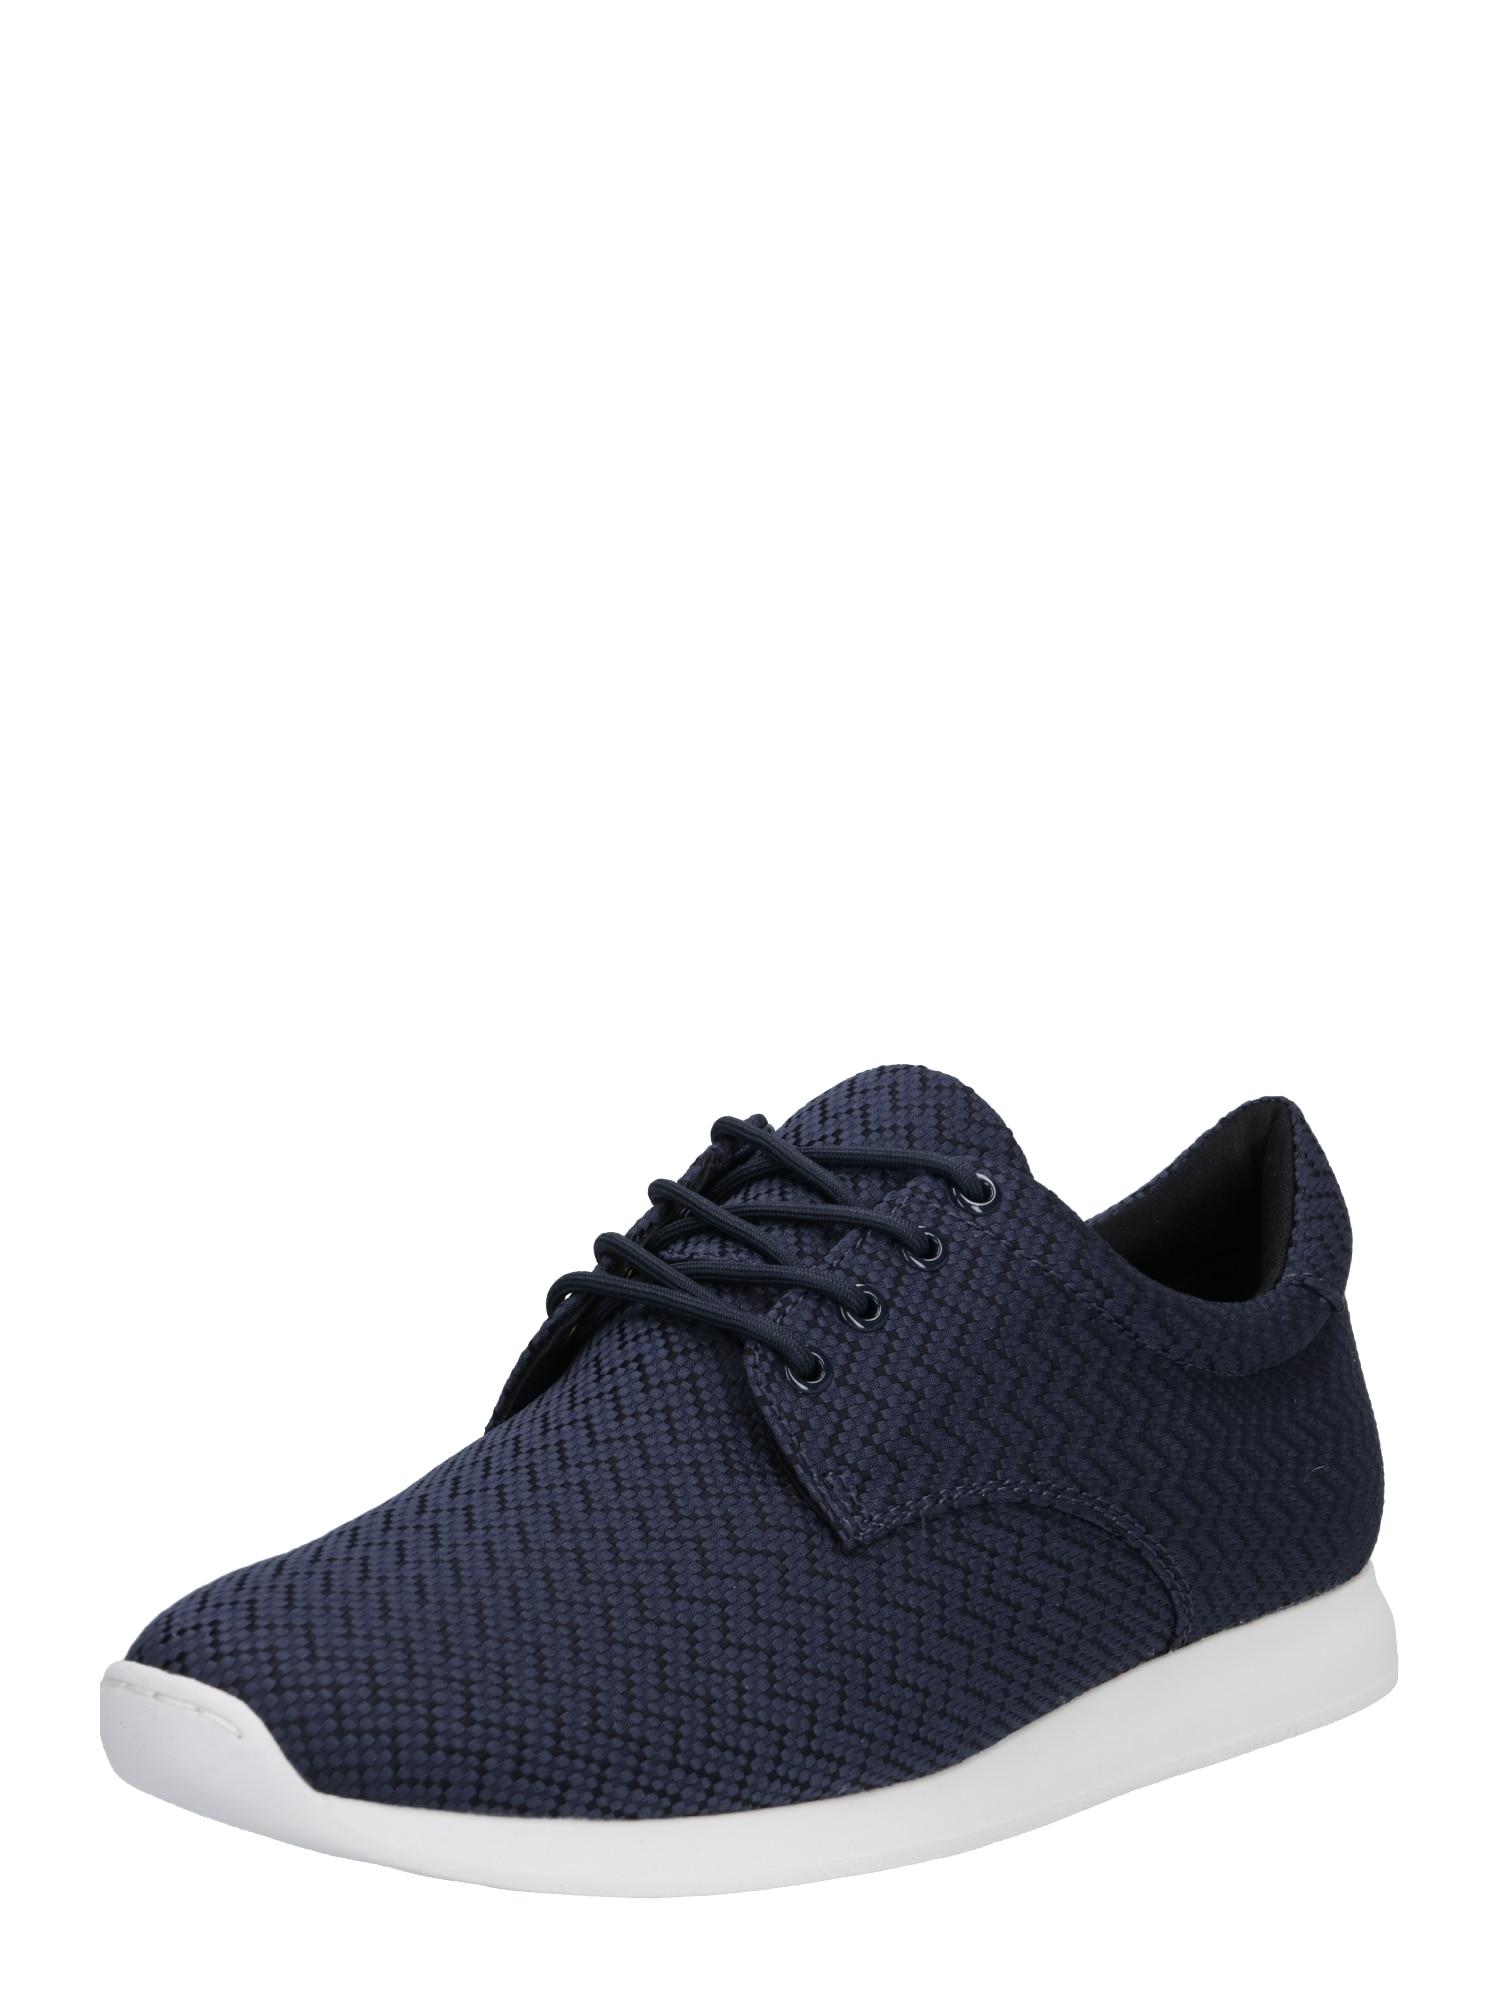 Sneaker 'Kasai 2.0' | Schuhe > Sneaker | VAGABOND SHOEMAKERS